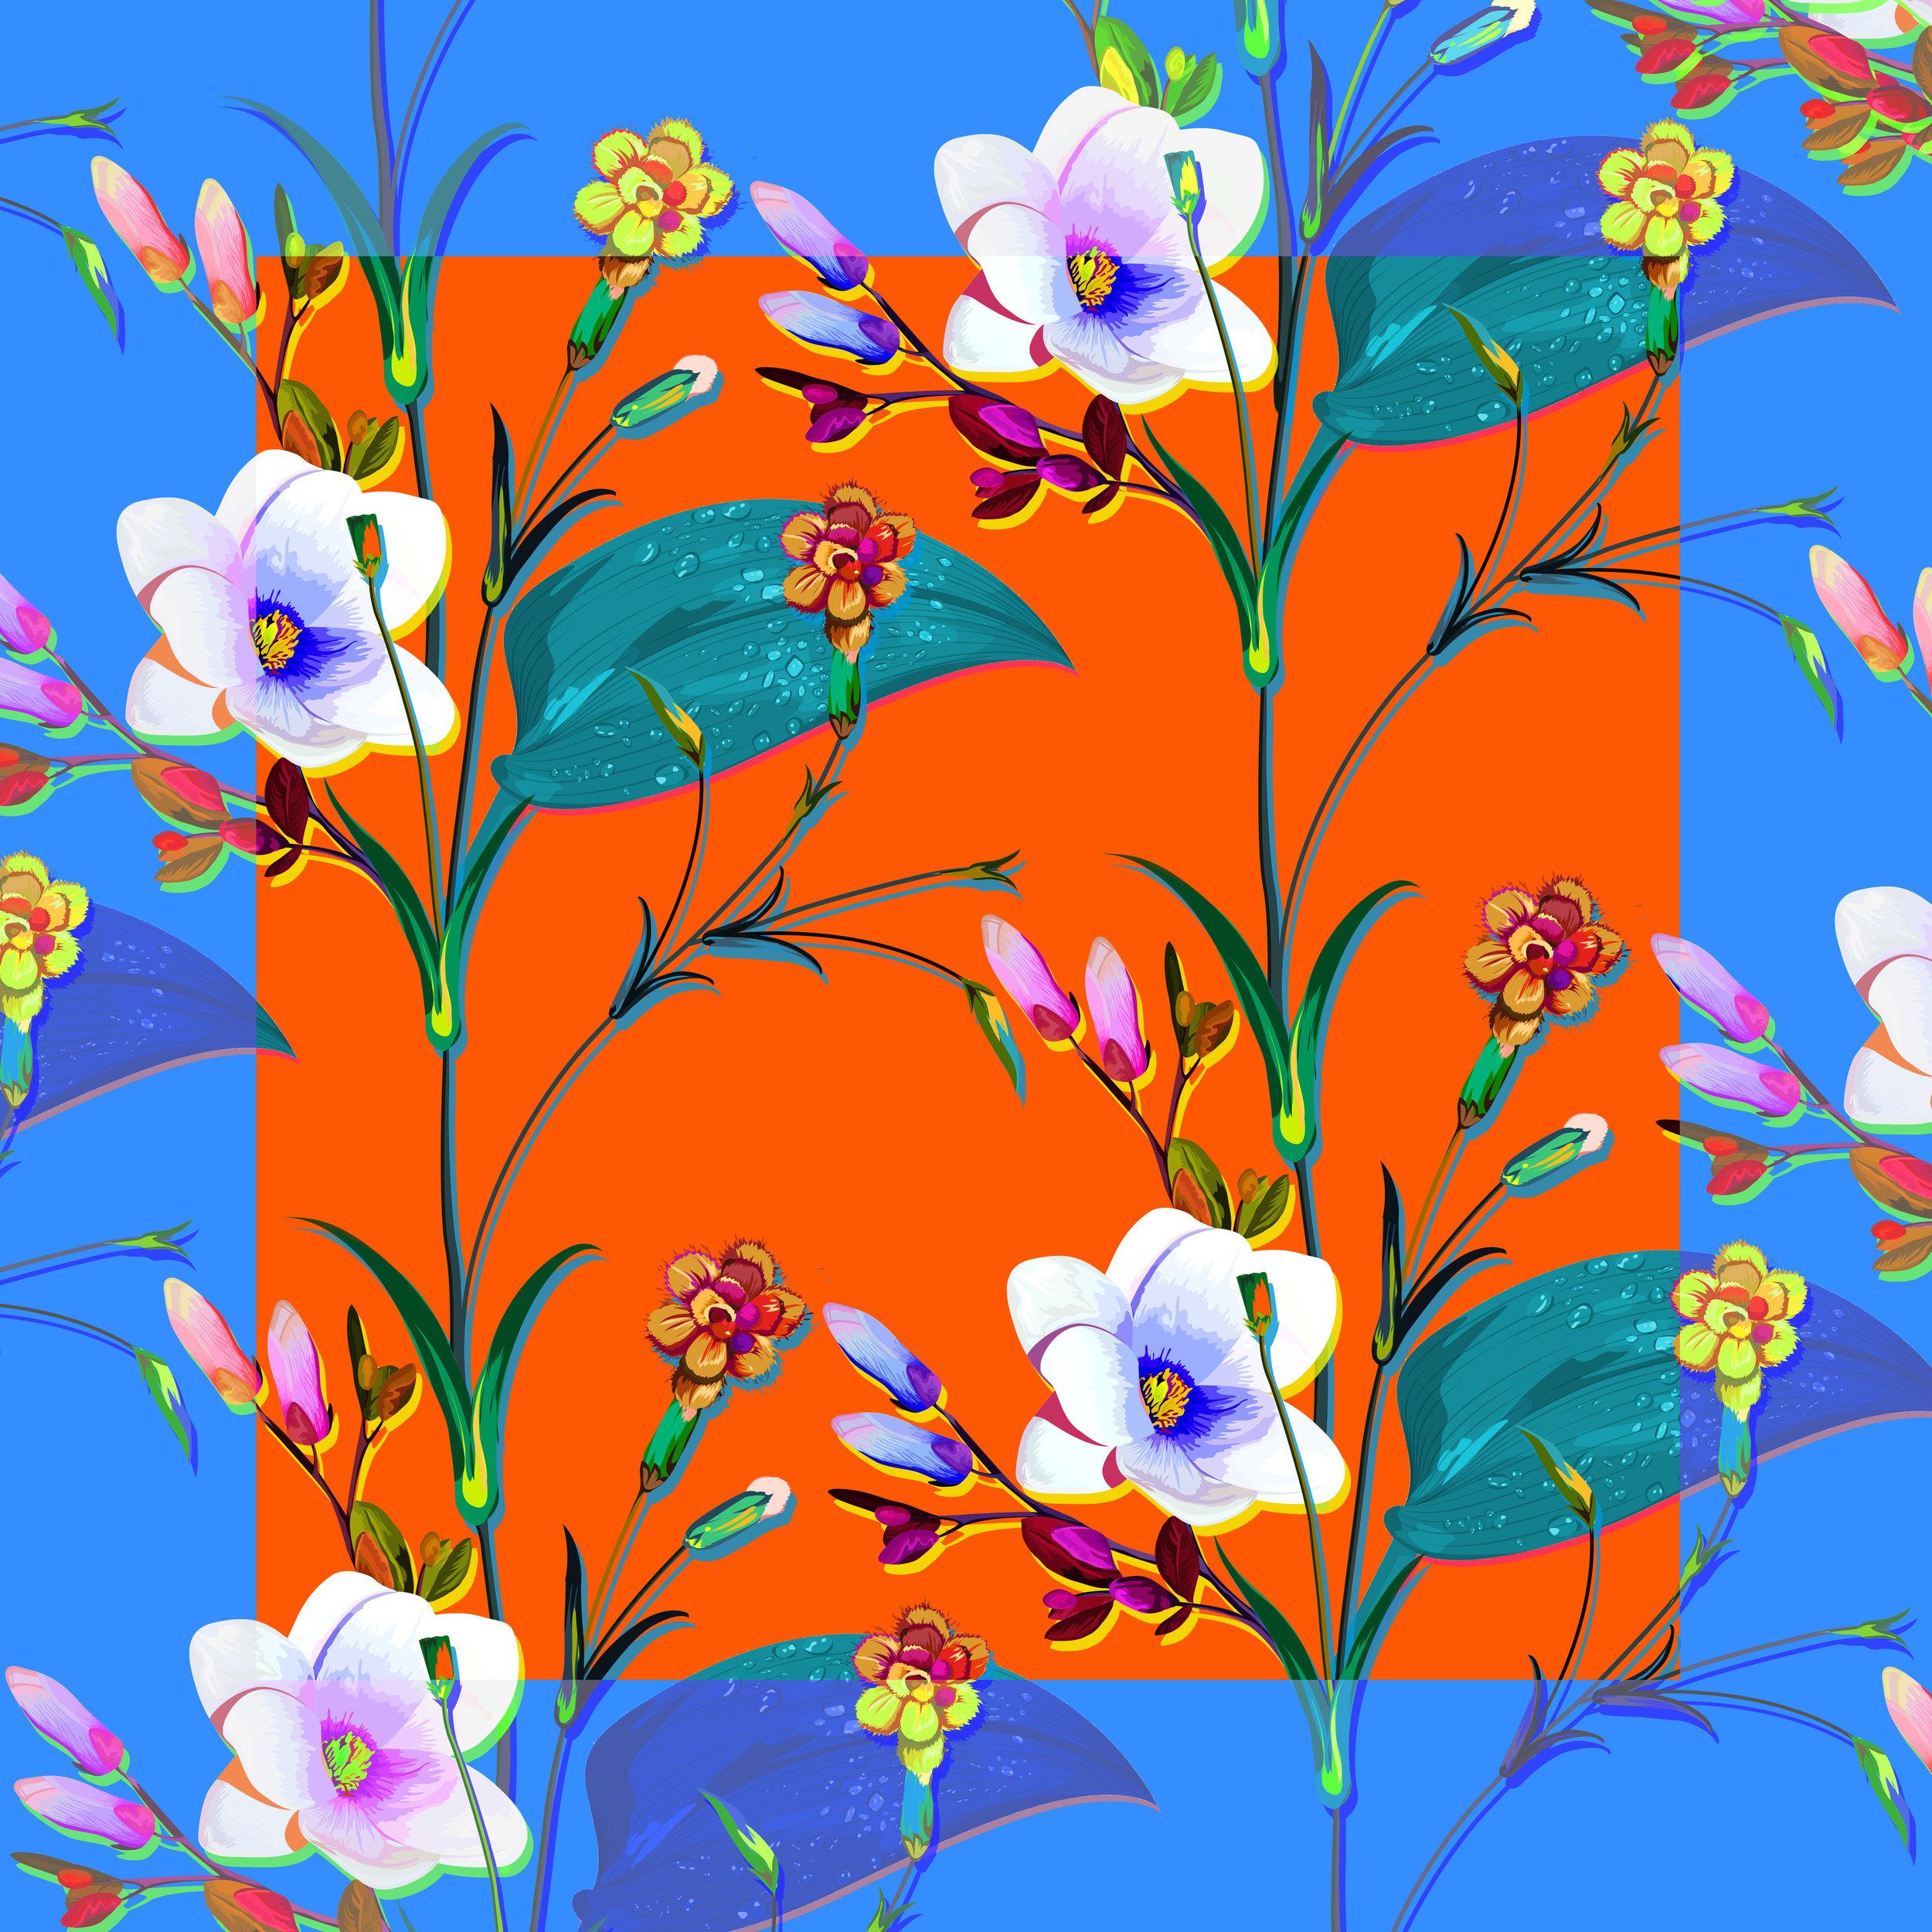 Flowers_02_bis.jpg